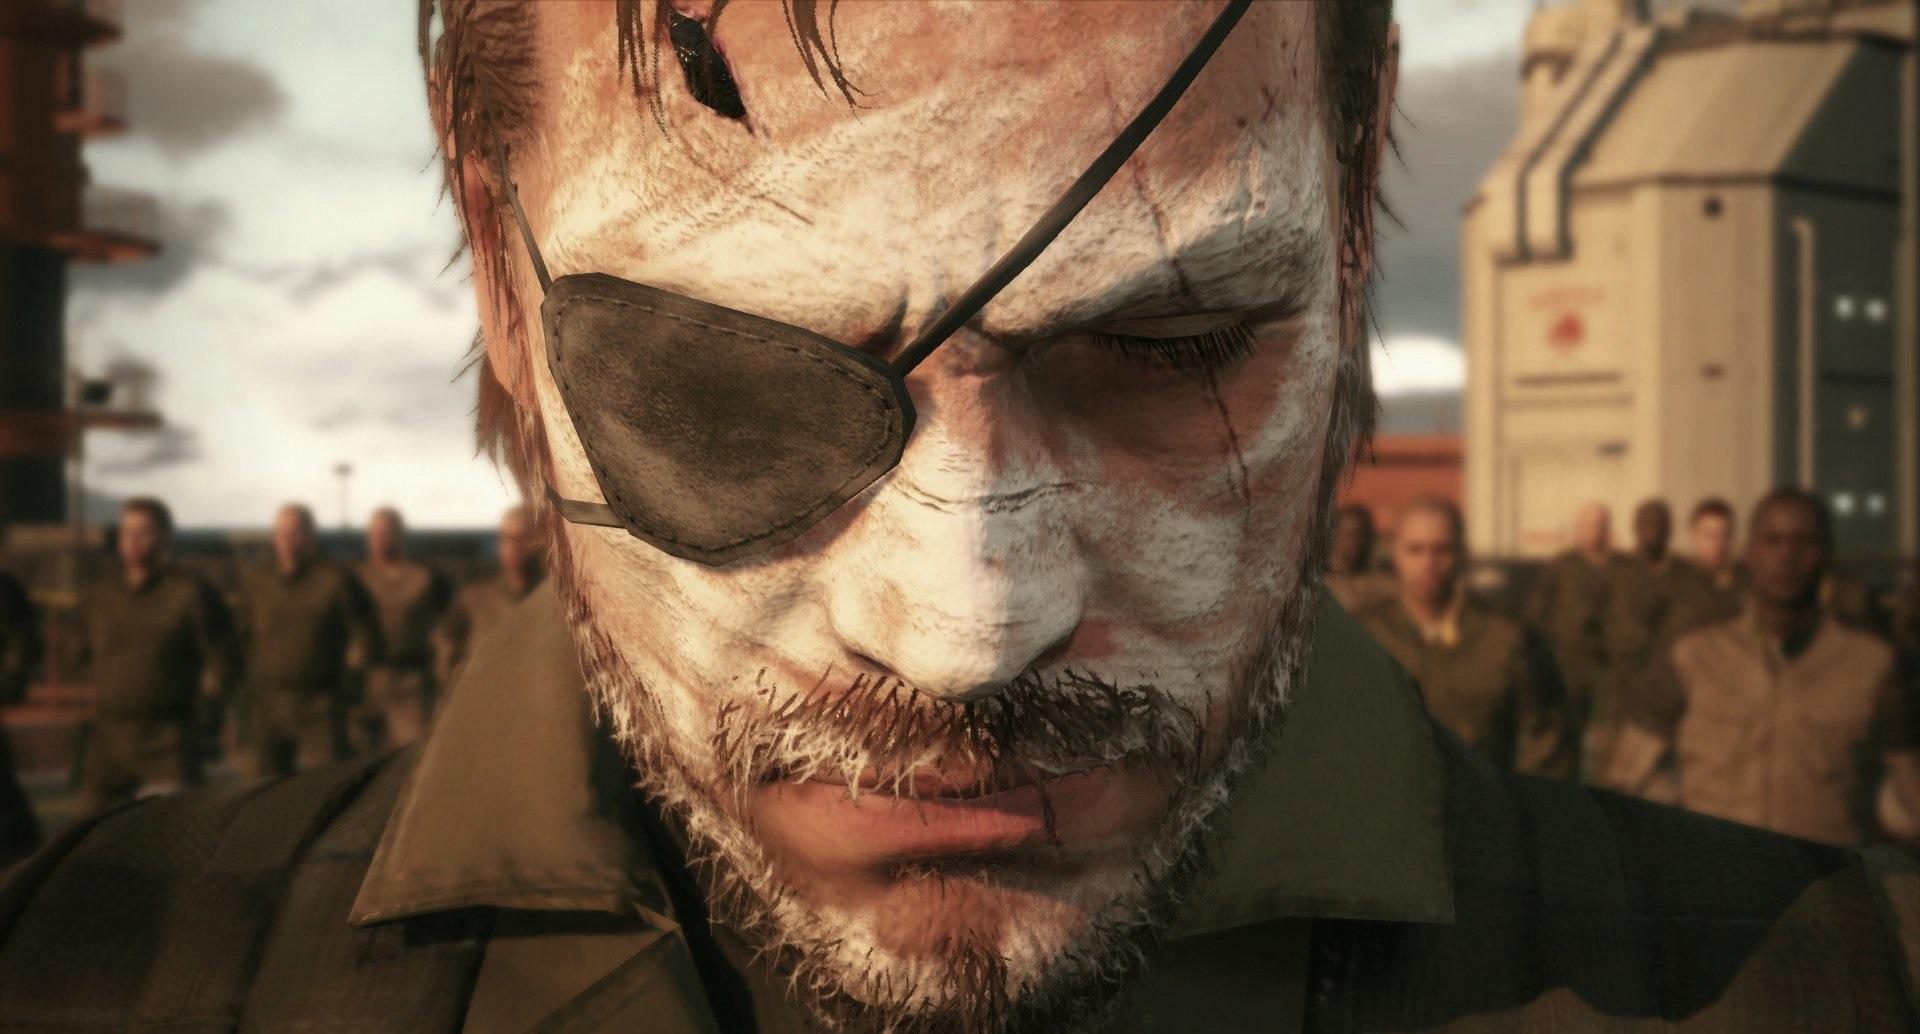 Konami намерена делать большие игры для консолей, но пока ей нечего анонсировать